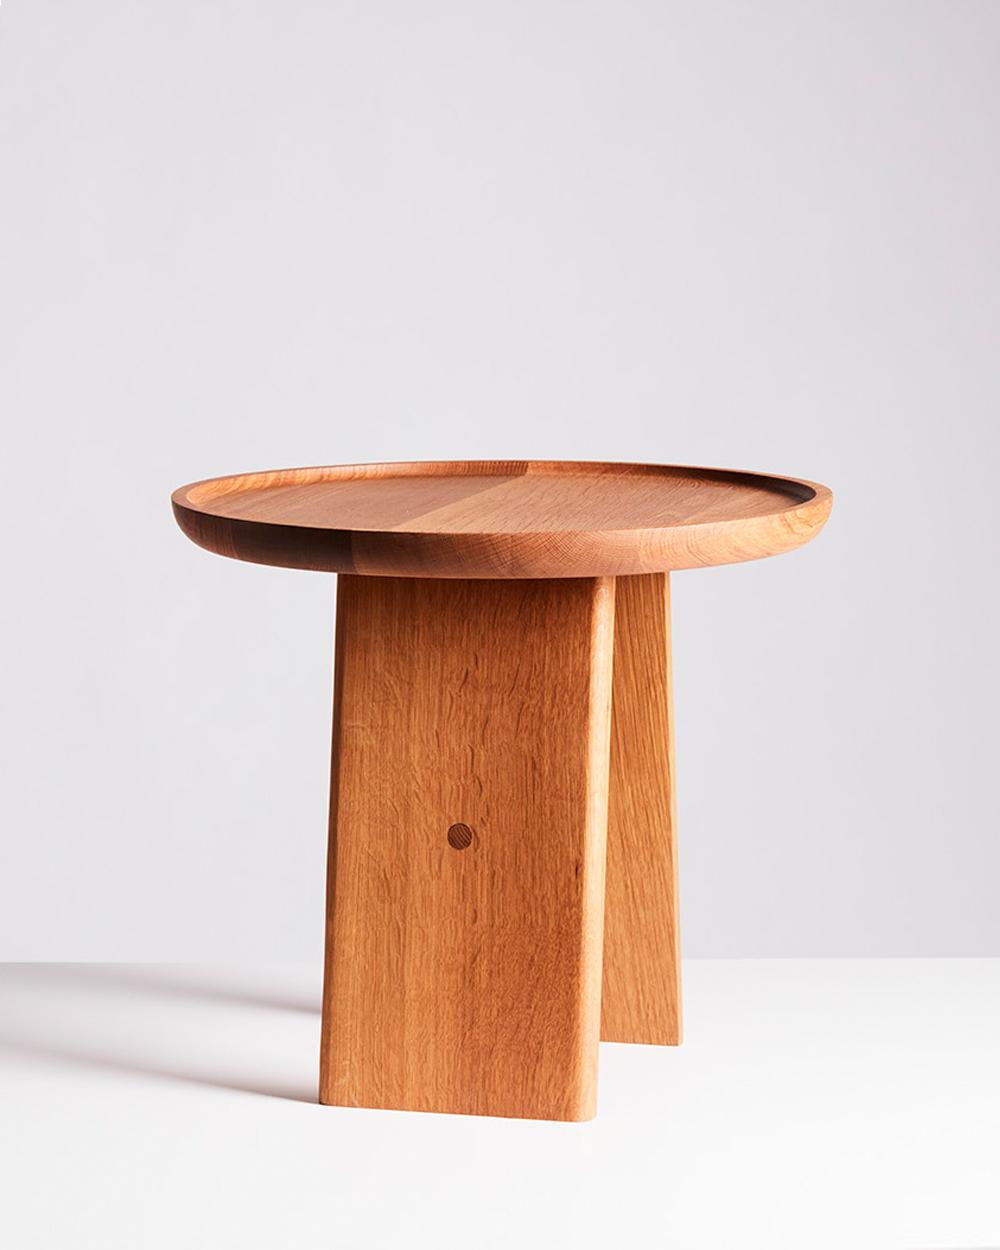 slant table_prime_02.jpg